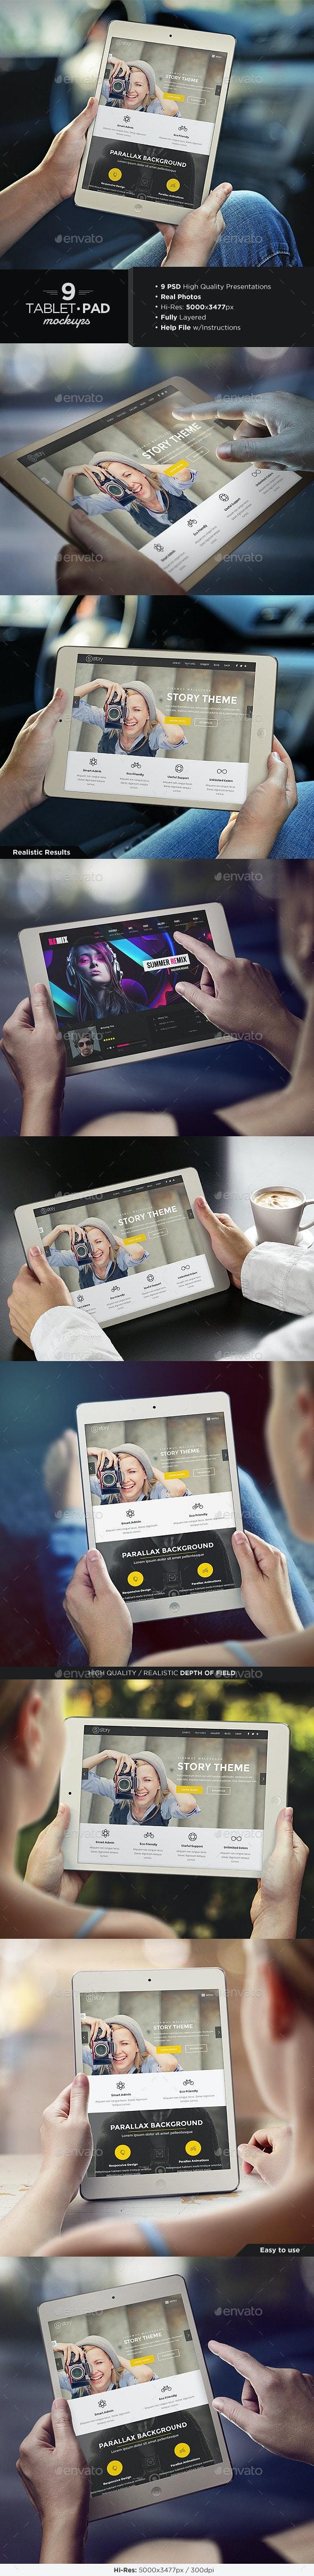 Tablet / Pad Mock-Up Set - Mobile Displays